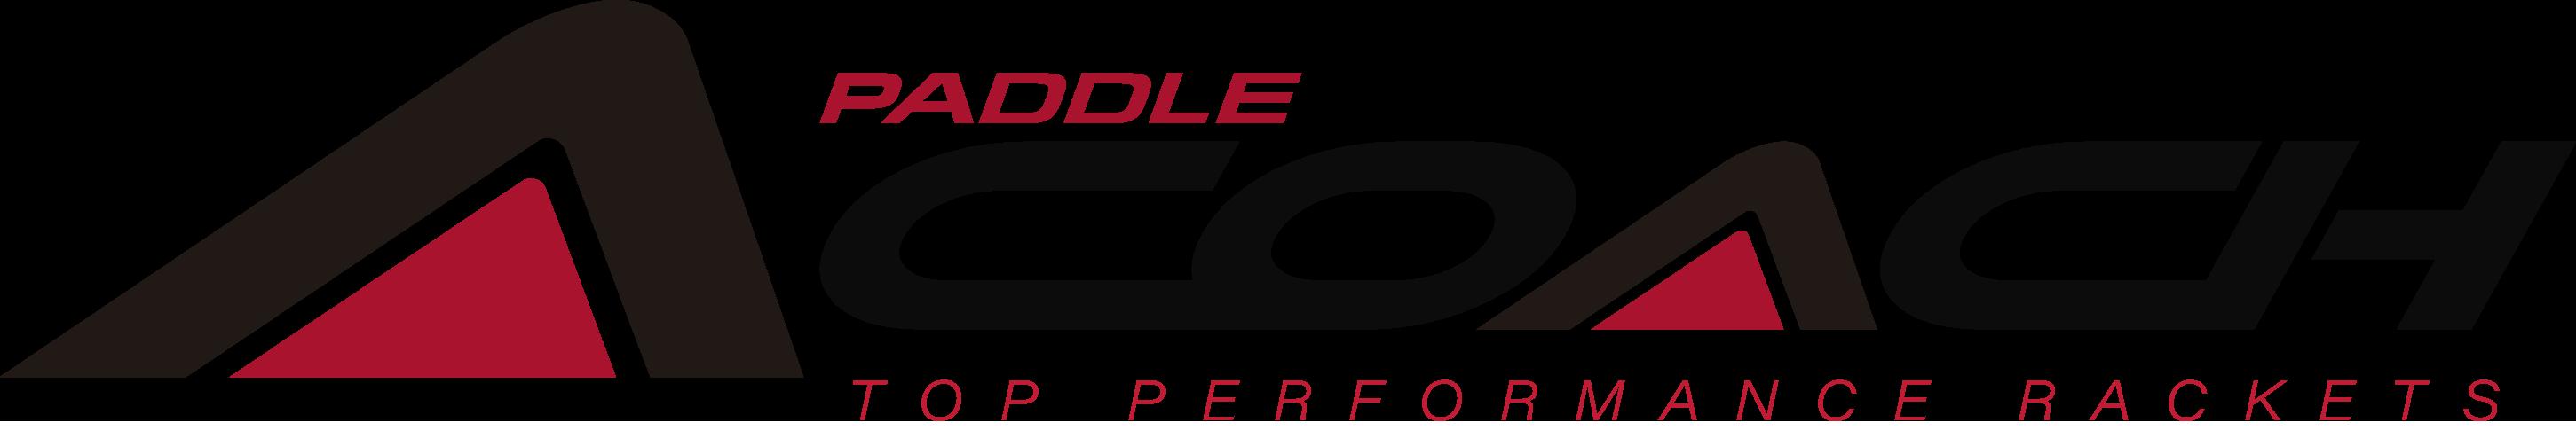 paddlecoach logo